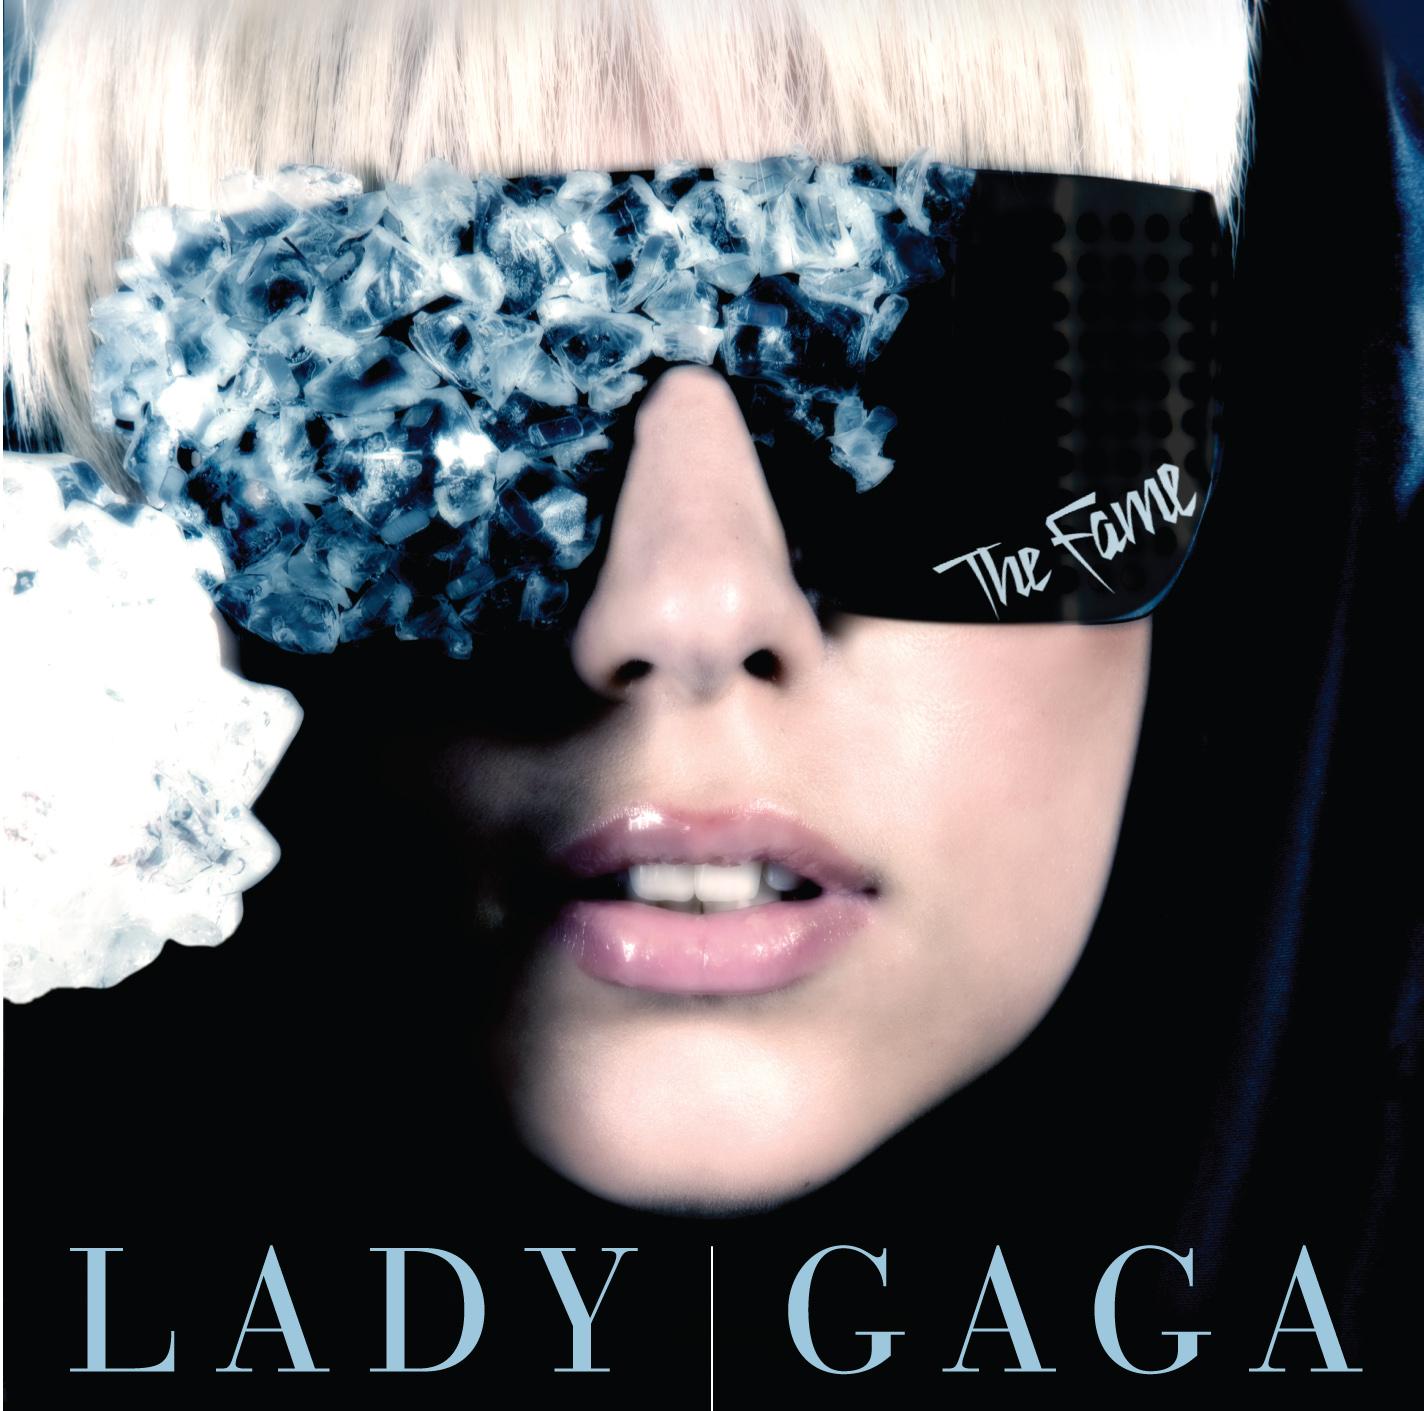 http://3.bp.blogspot.com/-bvmW_tfXRHw/Tu-nvduYUUI/AAAAAAAADoQ/sDcD40kk45Y/s1600/lady_gaga_the_fame.jpg